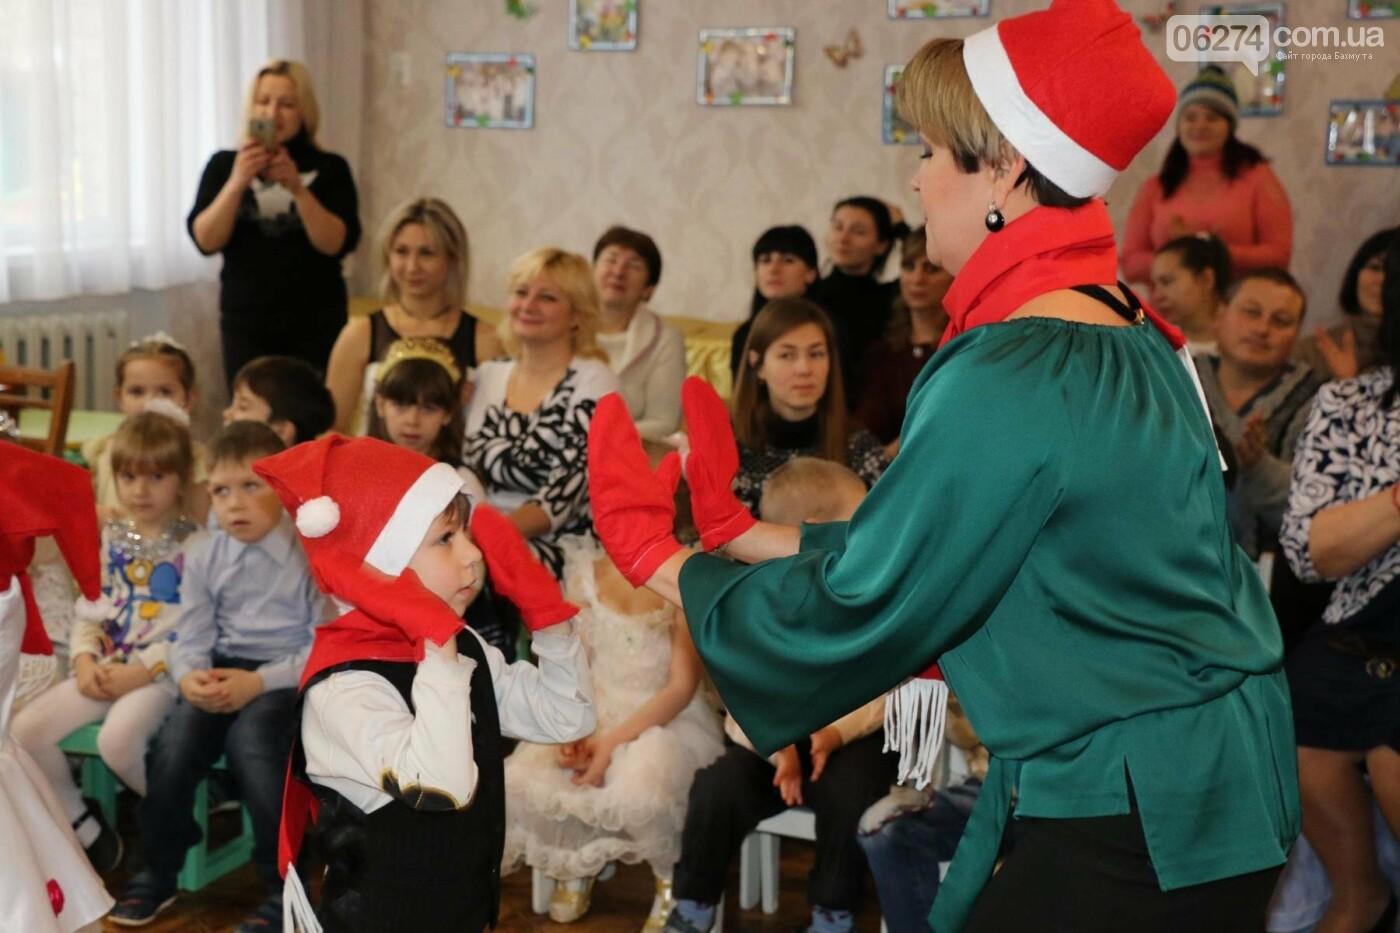 Святой Николай поздравил детей Бахмута, фото-4